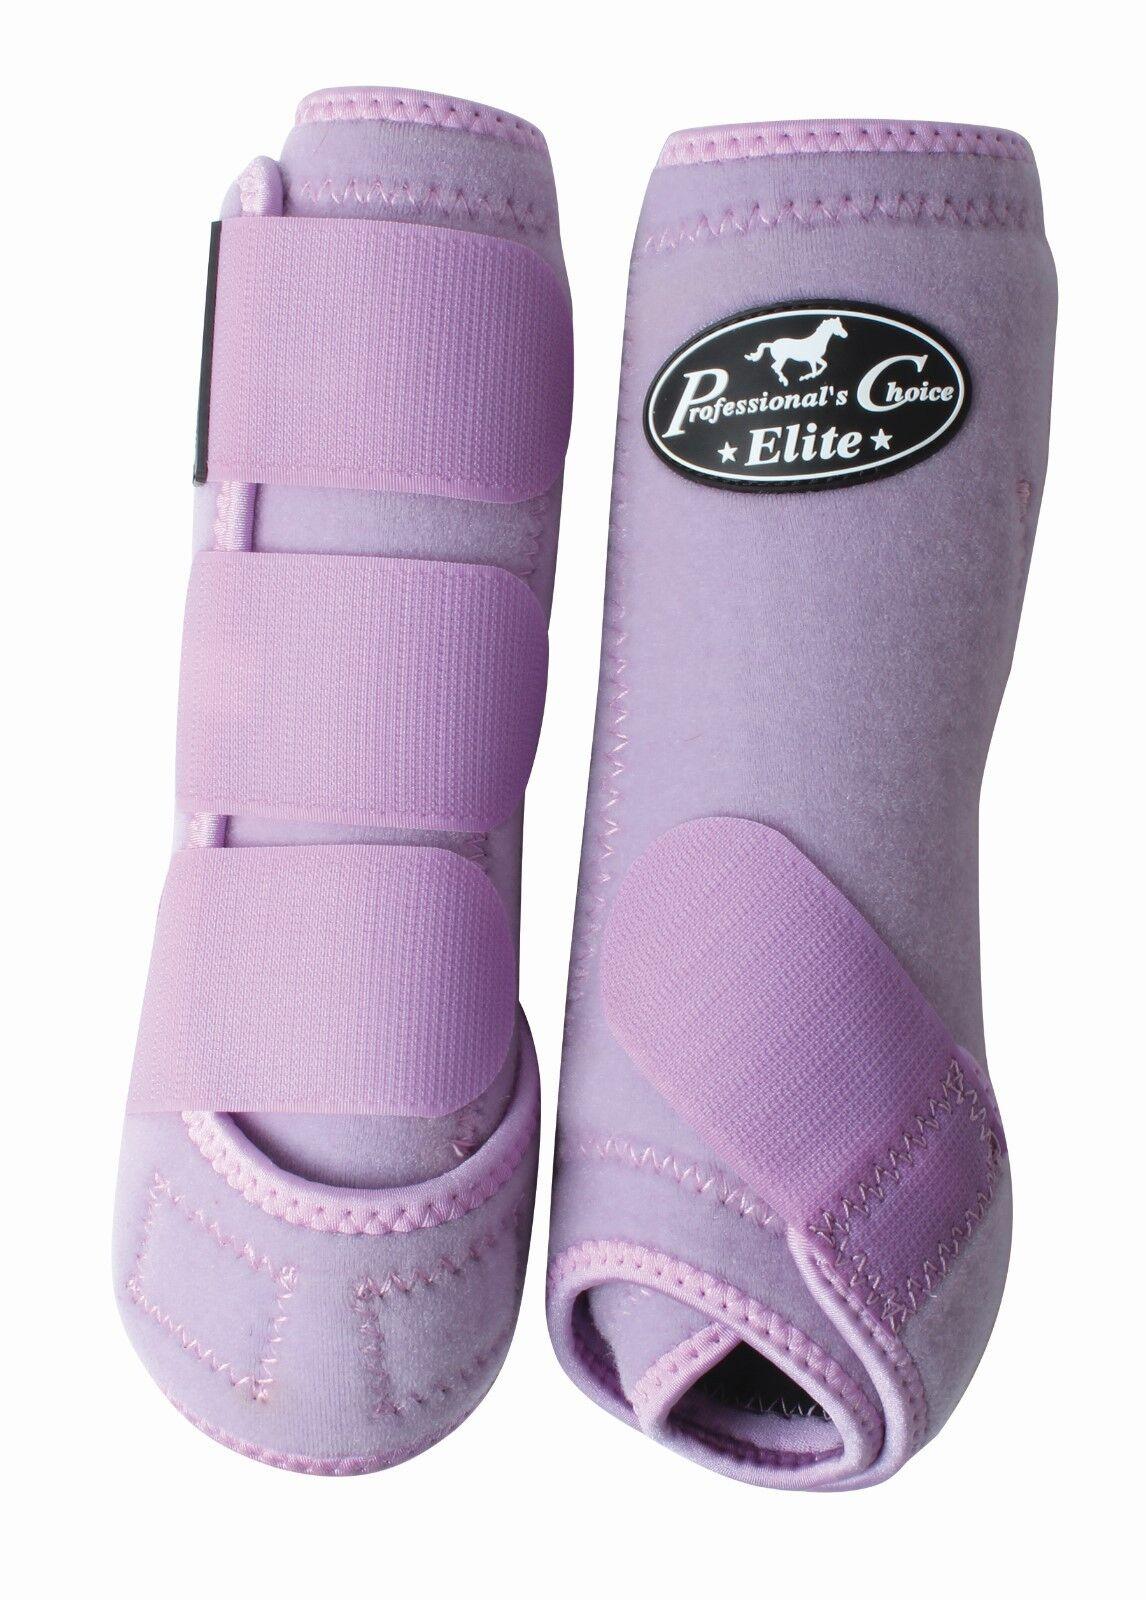 Professional's Choice Ventech Elite Front Equine SMB Medicine Boots Lilac Purple